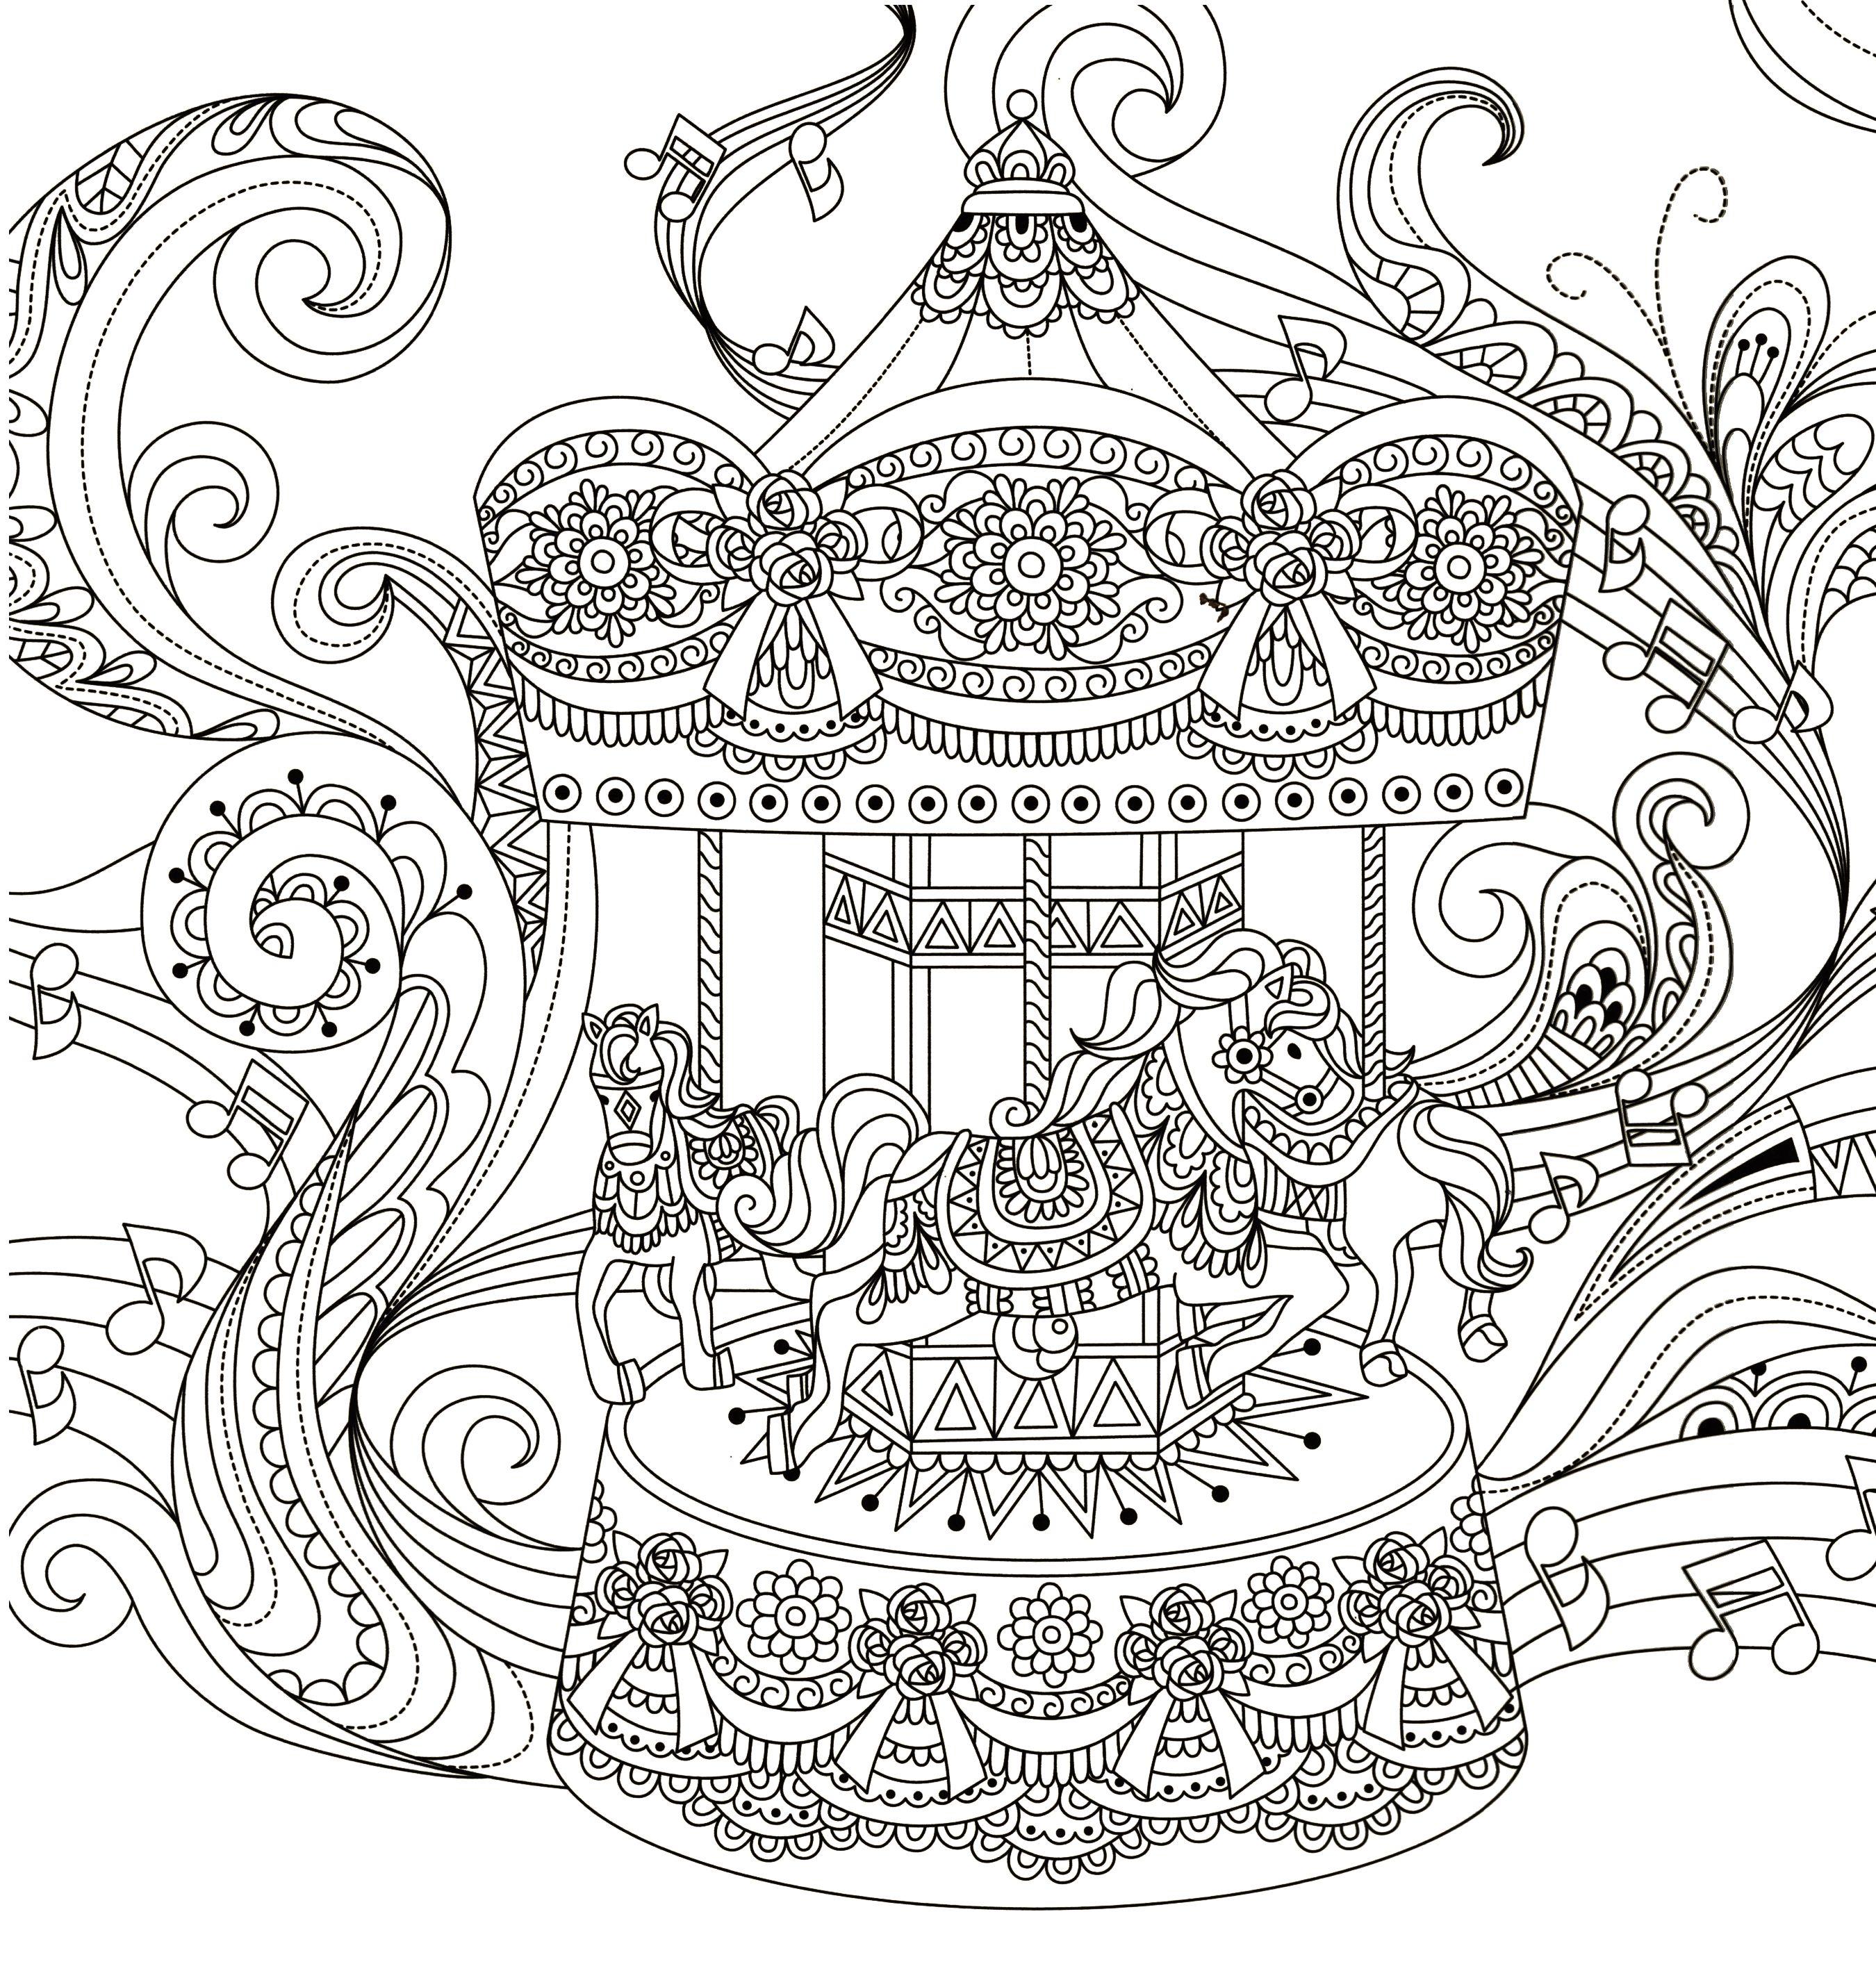 Pin von Amparo Salazar auf Coloring & Activity Pages | Pinterest ...